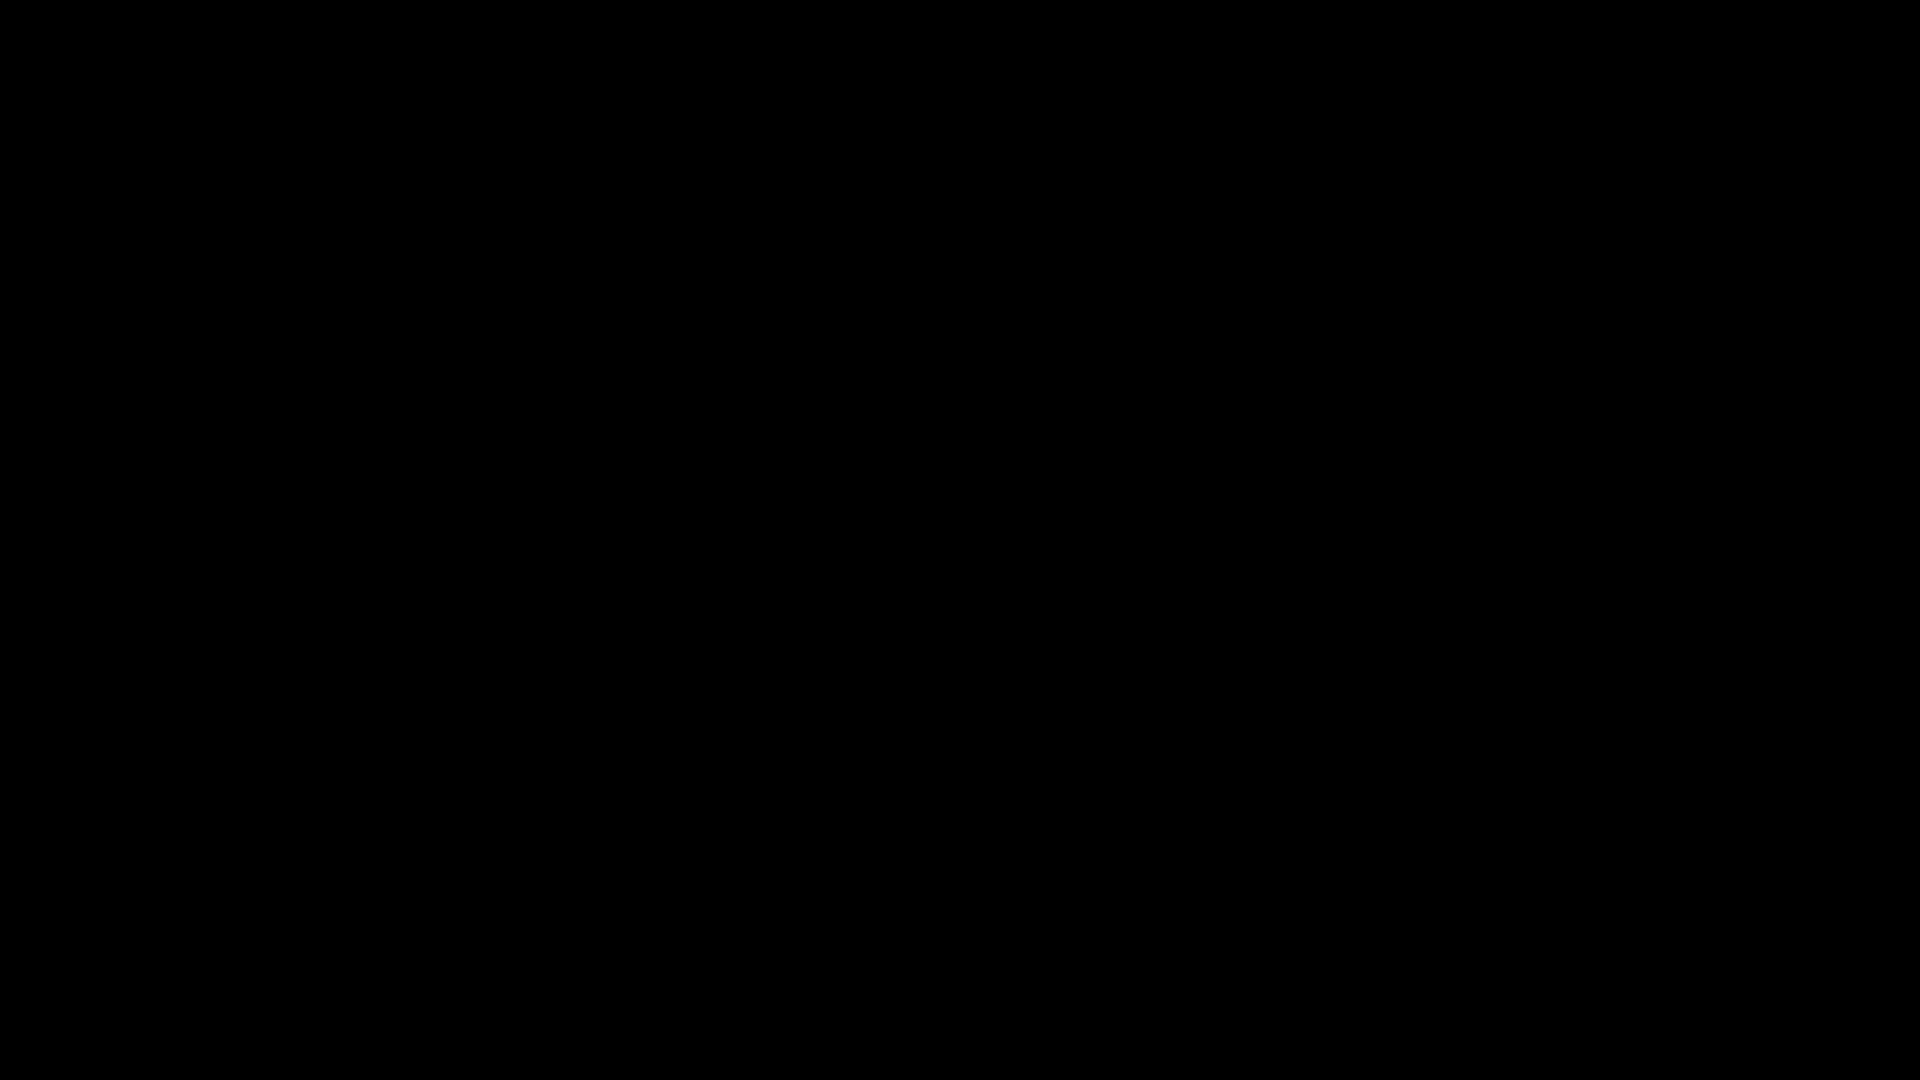 Client - Mercedes - Logo black